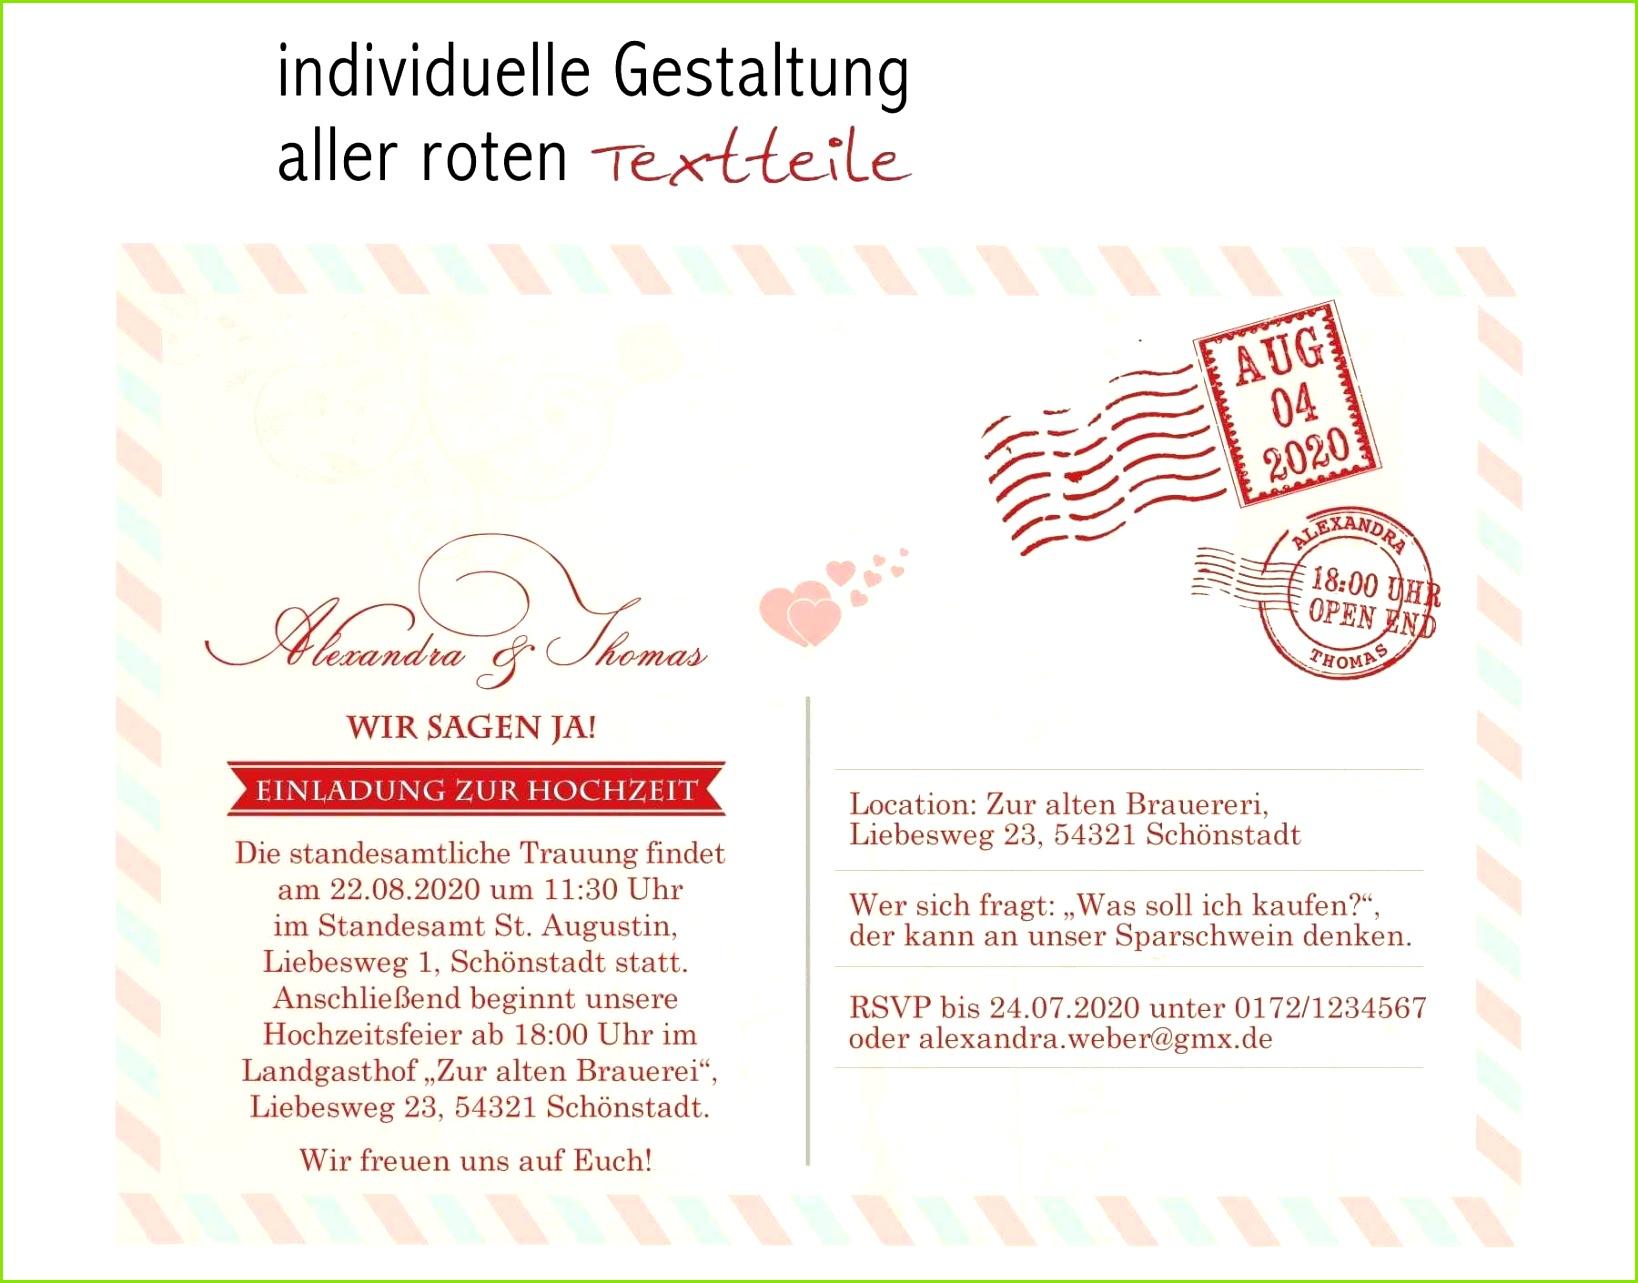 Kerzen Gestalten Vorlagen Detaillierte Postkarte Vorlage Luxus Vorlage Postkarte Jetzt Herunterladen Media 25 Die Besten